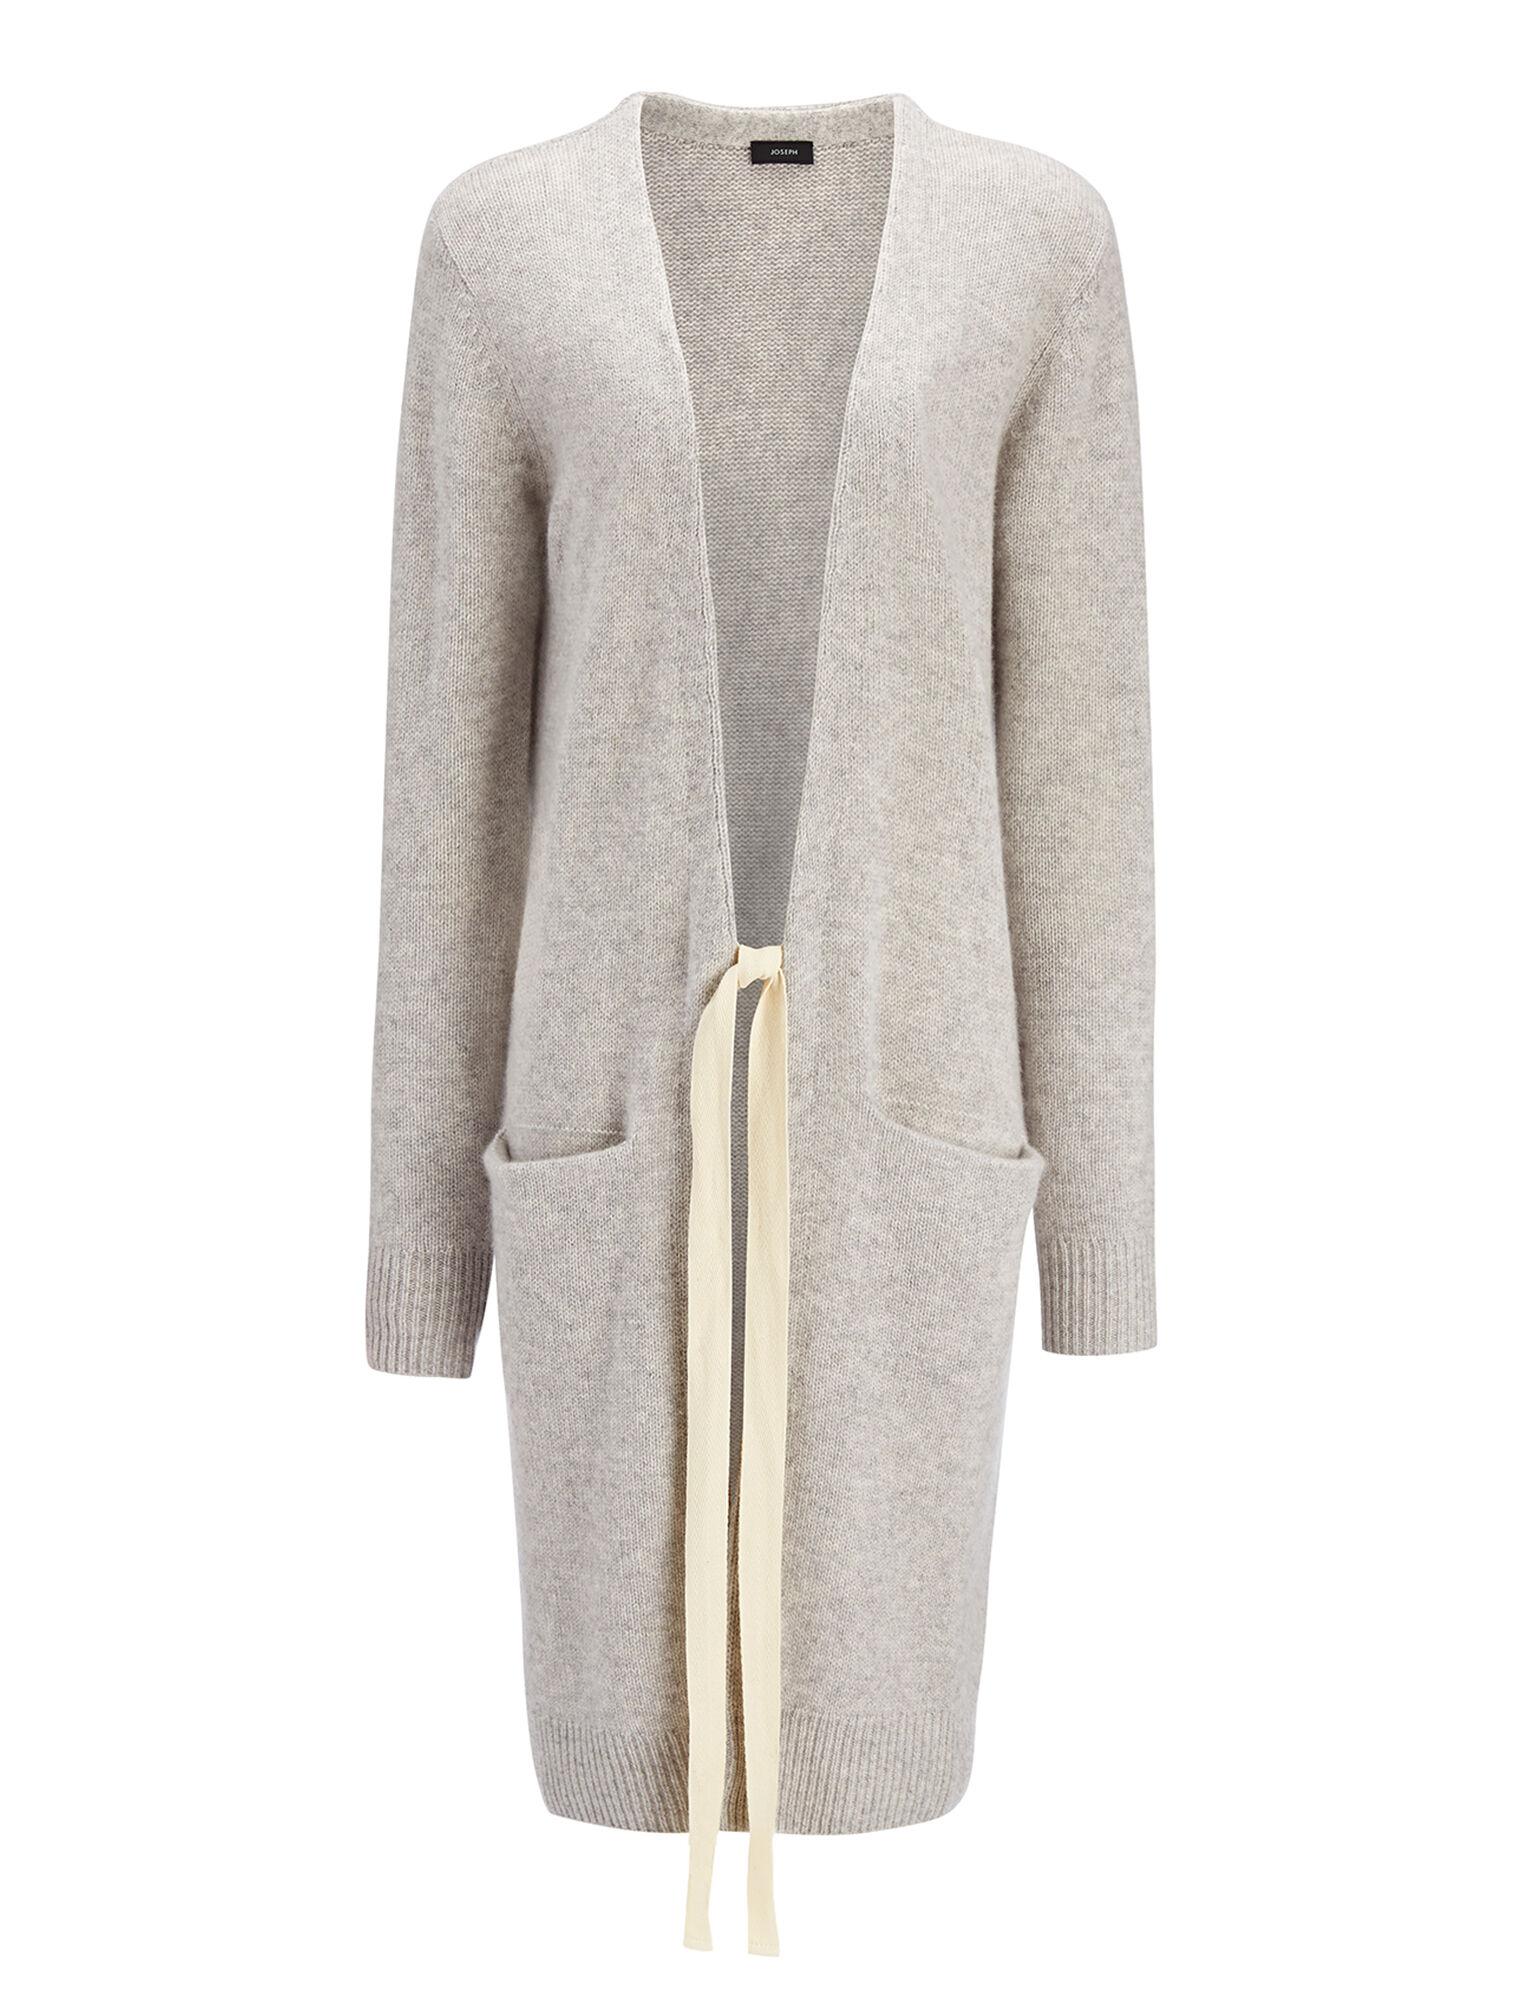 e9da594a49 Open Cashmere Long Cardigan in Grey